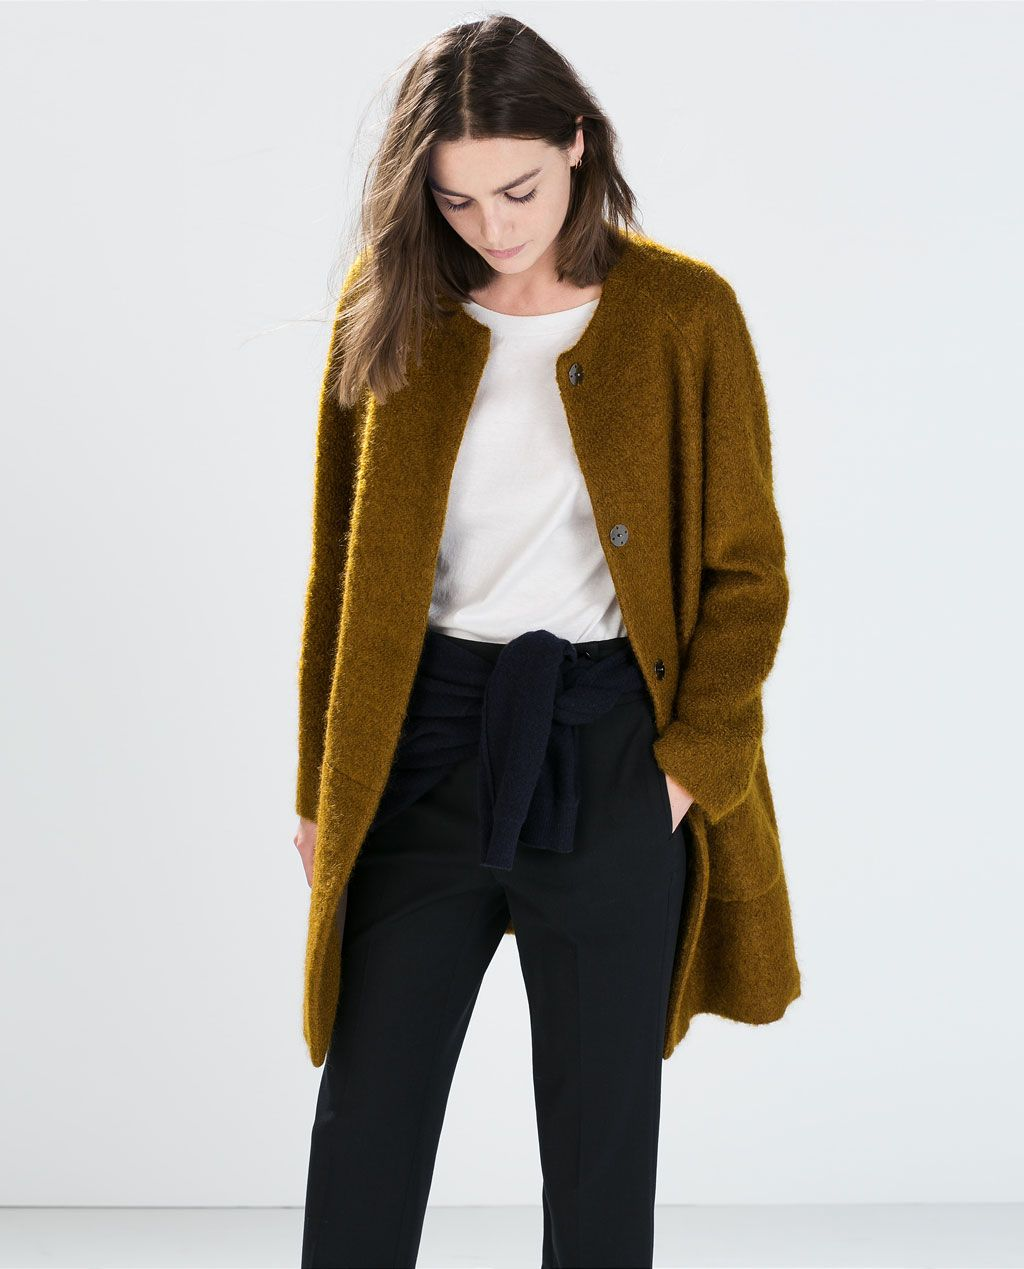 ZARA的图片 2 名称 口袋馬海毛大衣 $4990